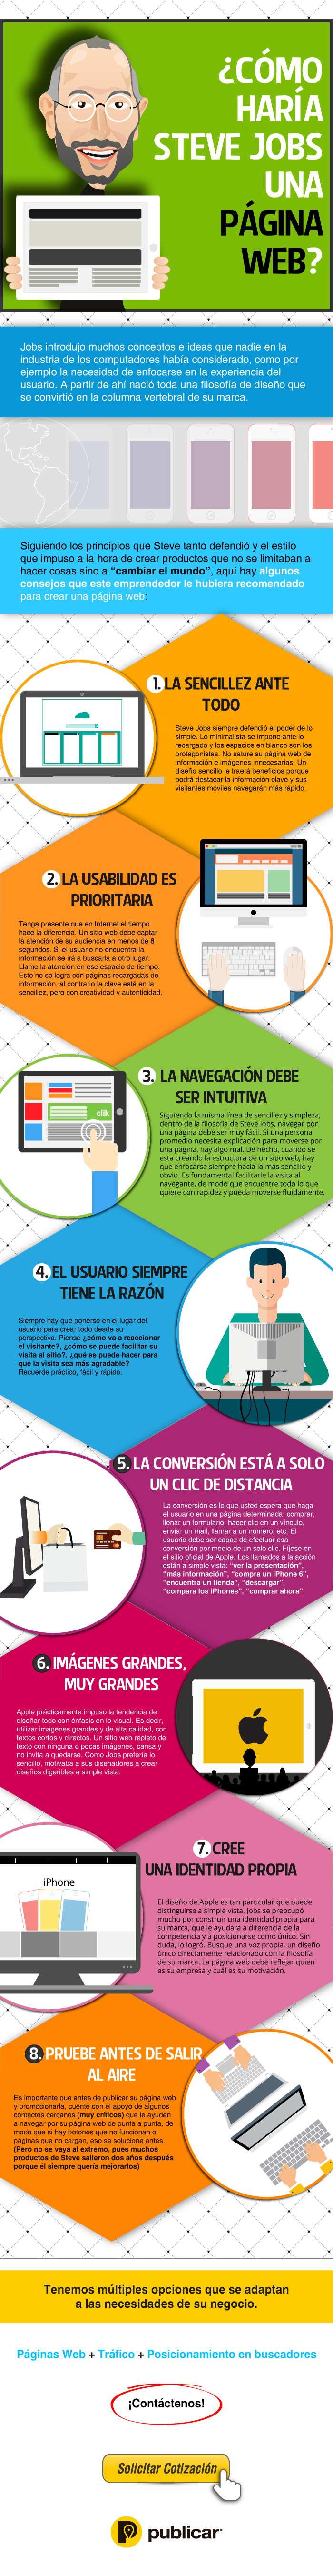 cómo haría Steve Jobs una pagina web  infografìa